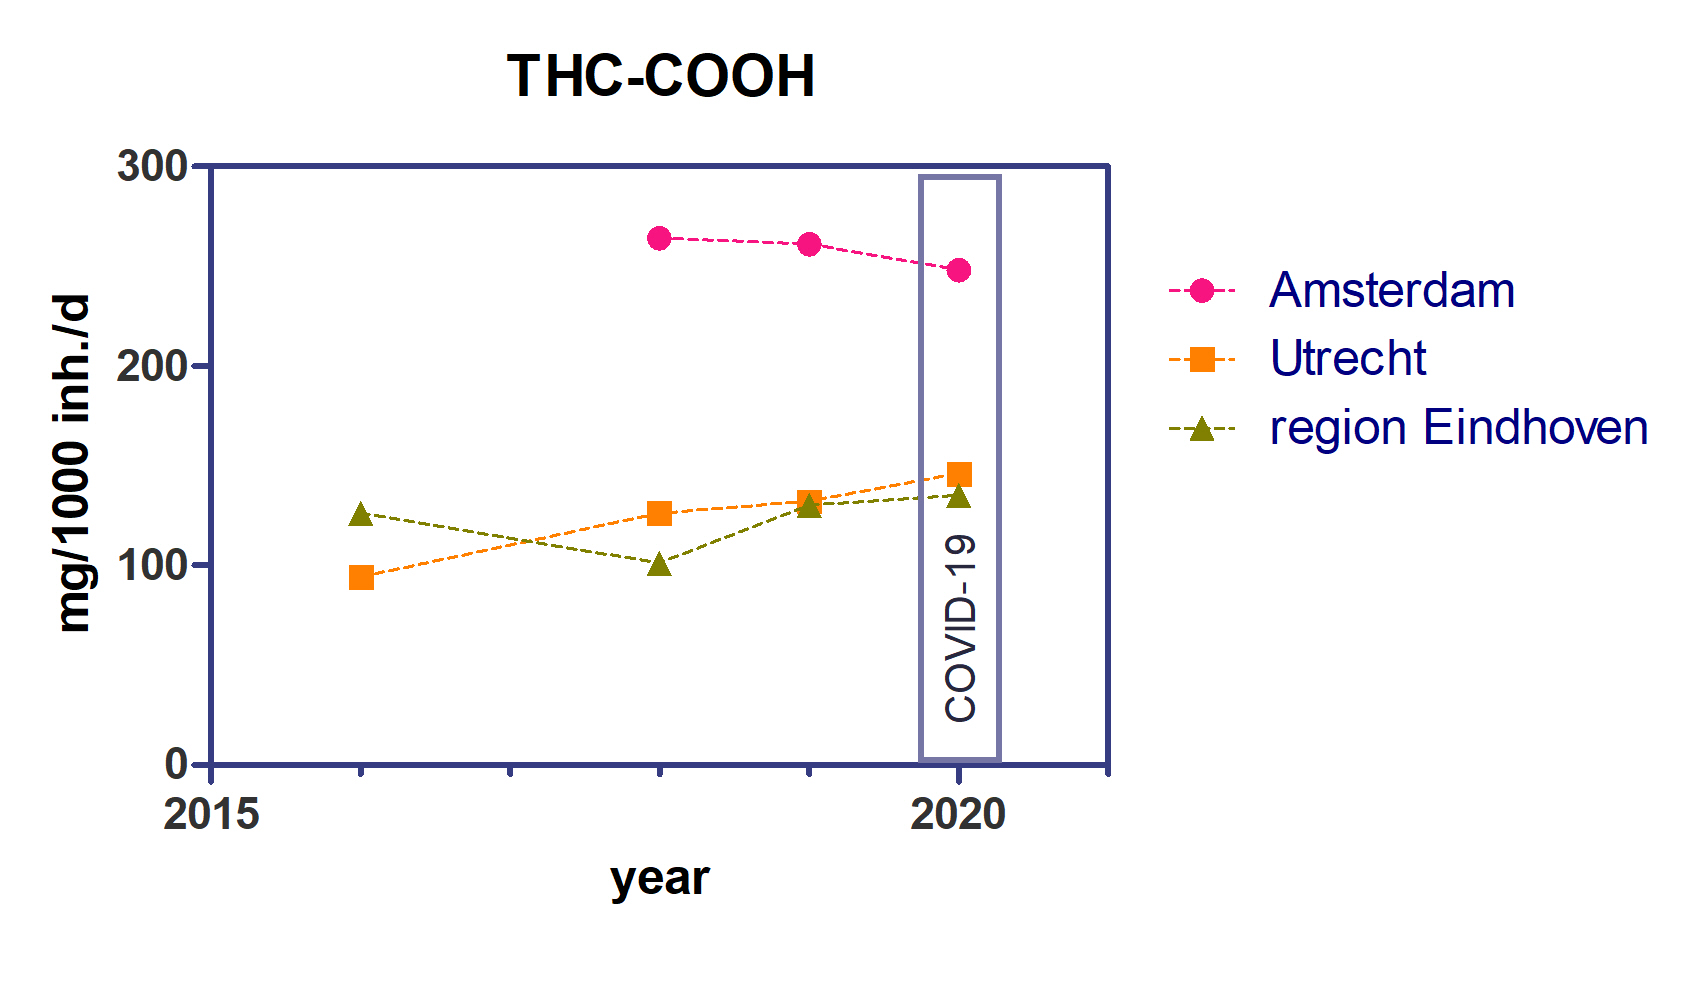 Grafische Darstellung des Cannabiskonsums (Metabolit THC-COOH von THC) in Amsterdam, Eindhoven und Utrecht als Zeitreihe von 2016 bis 2020 – 2020 gemessen während des Lockdowns aufgrund der Coronapandemie. Grafik: KWR (2020)